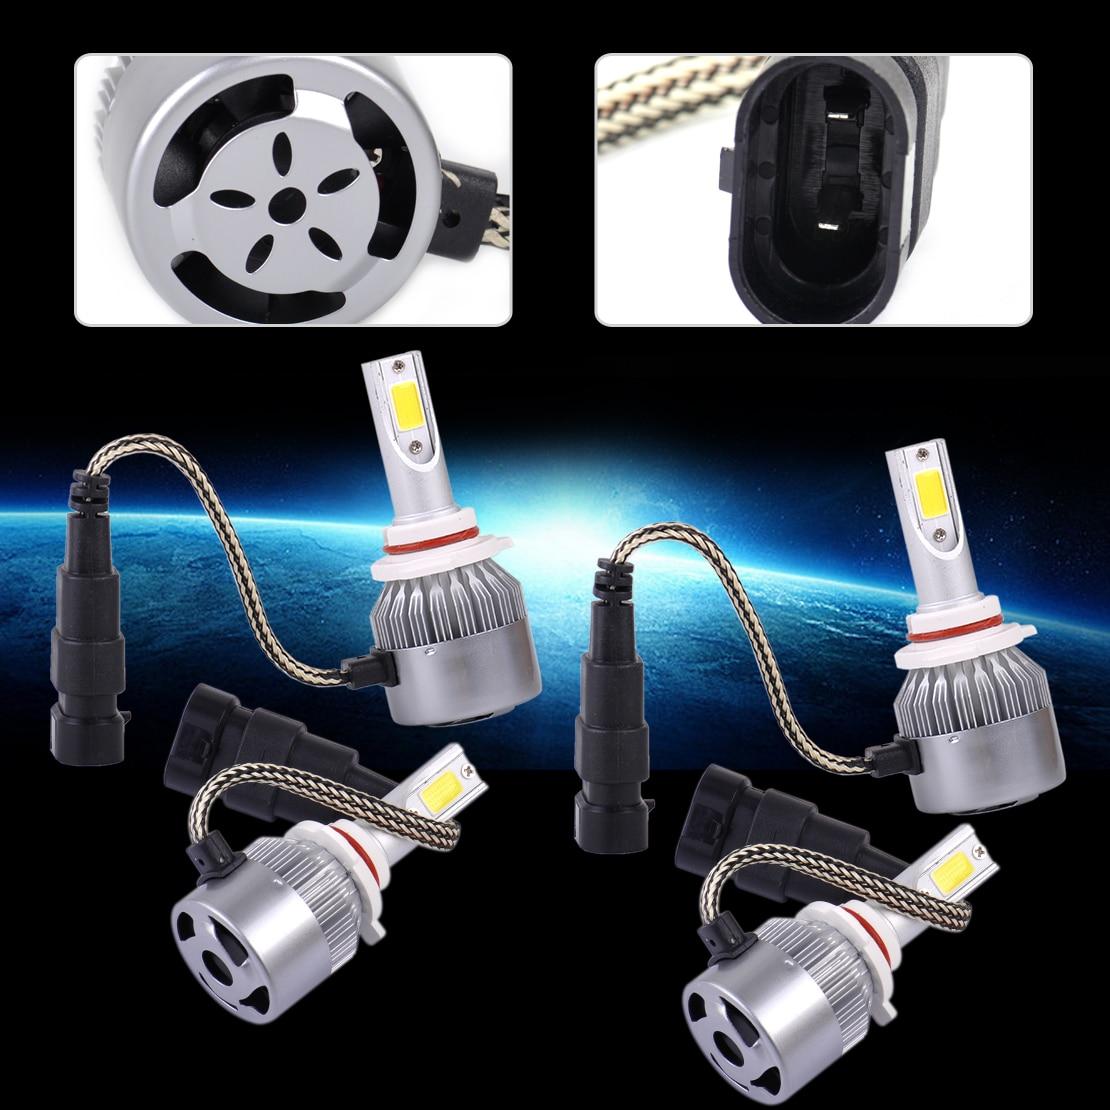 DWCX universel 4 pièces voiture 2 broches aluminium & plastique 9005 9006 LED 36 W 3800LM 6000 K Combo phare feux de croisement ampoules blanches 36 W